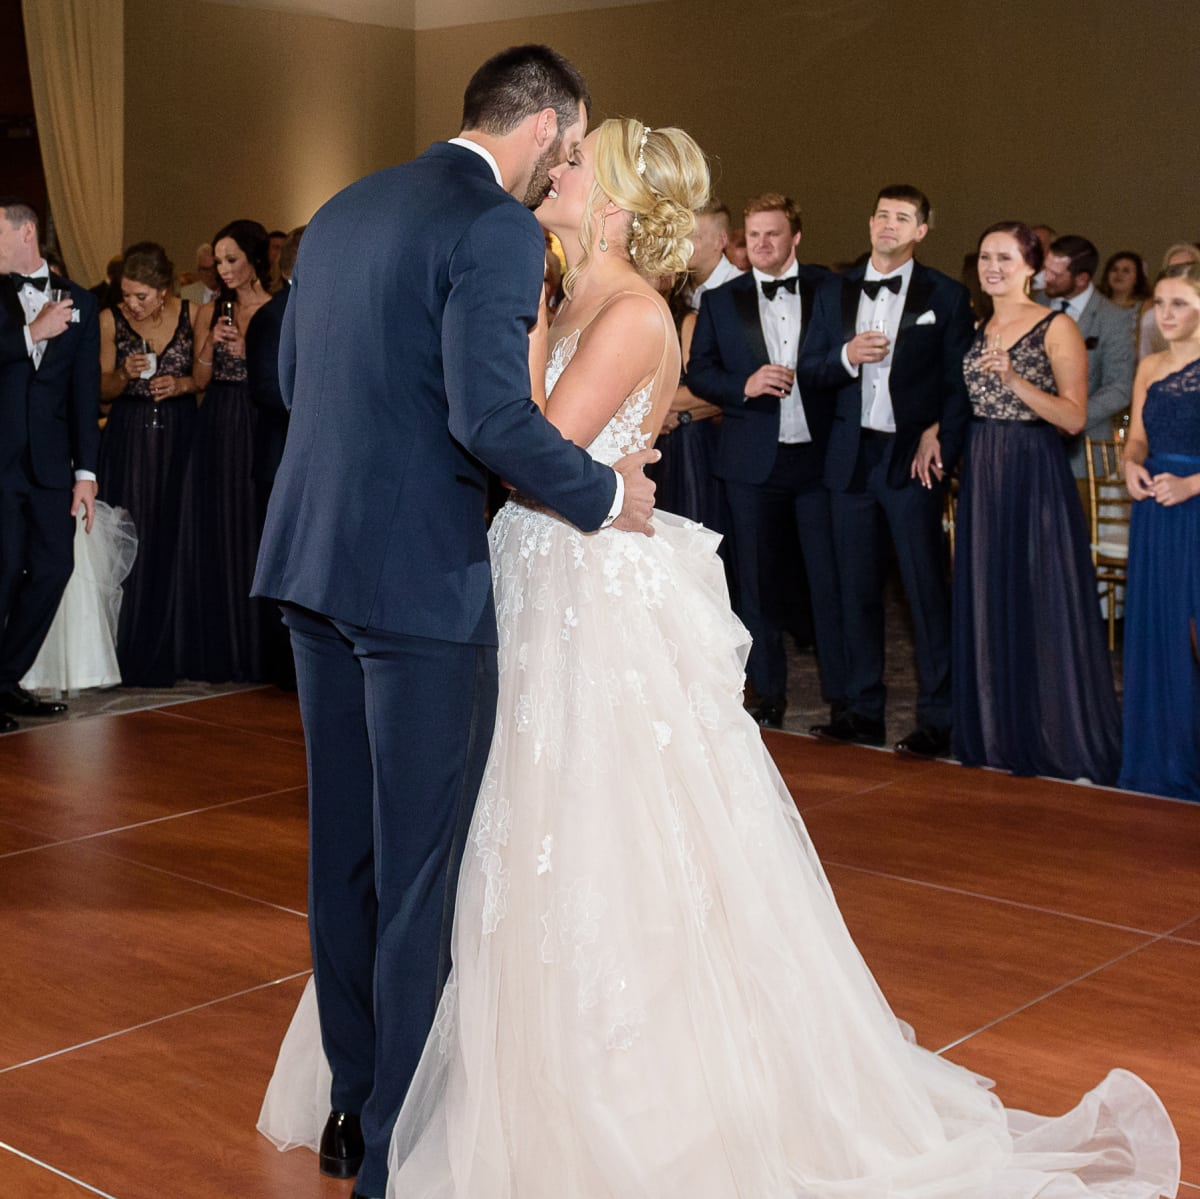 Neely wedding, dance